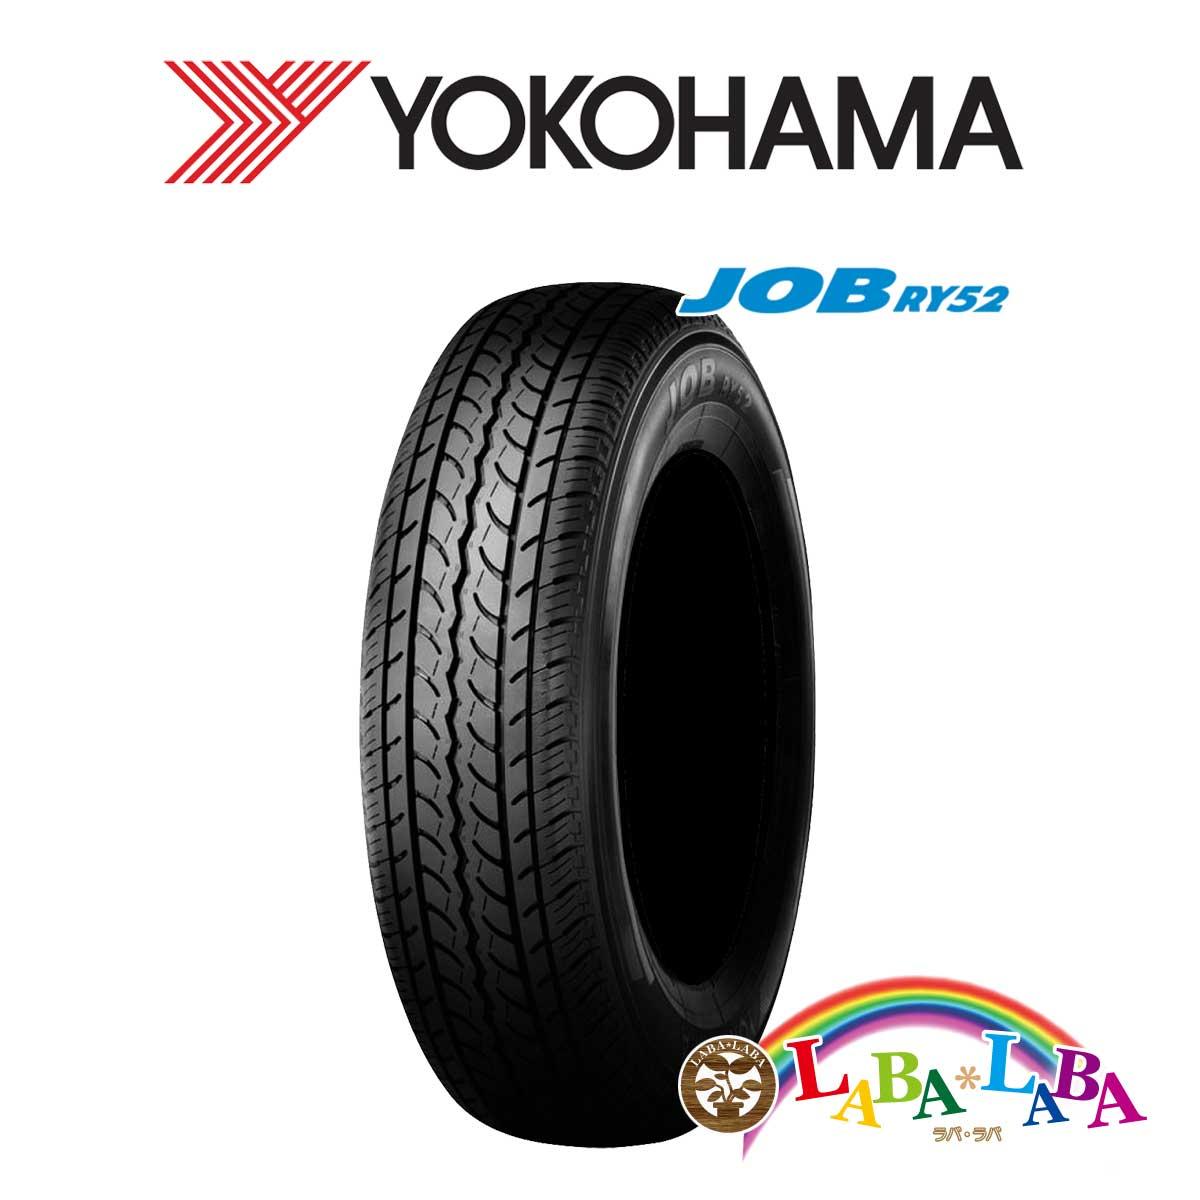 2本以上送料無料 国産タイヤ サマータイヤ 新品 タイヤのみ YOKOHAMA ヨコハマ JOB LT 106 返品交換不可 70R15 未使用 195 ジョブ バン 104L RY52